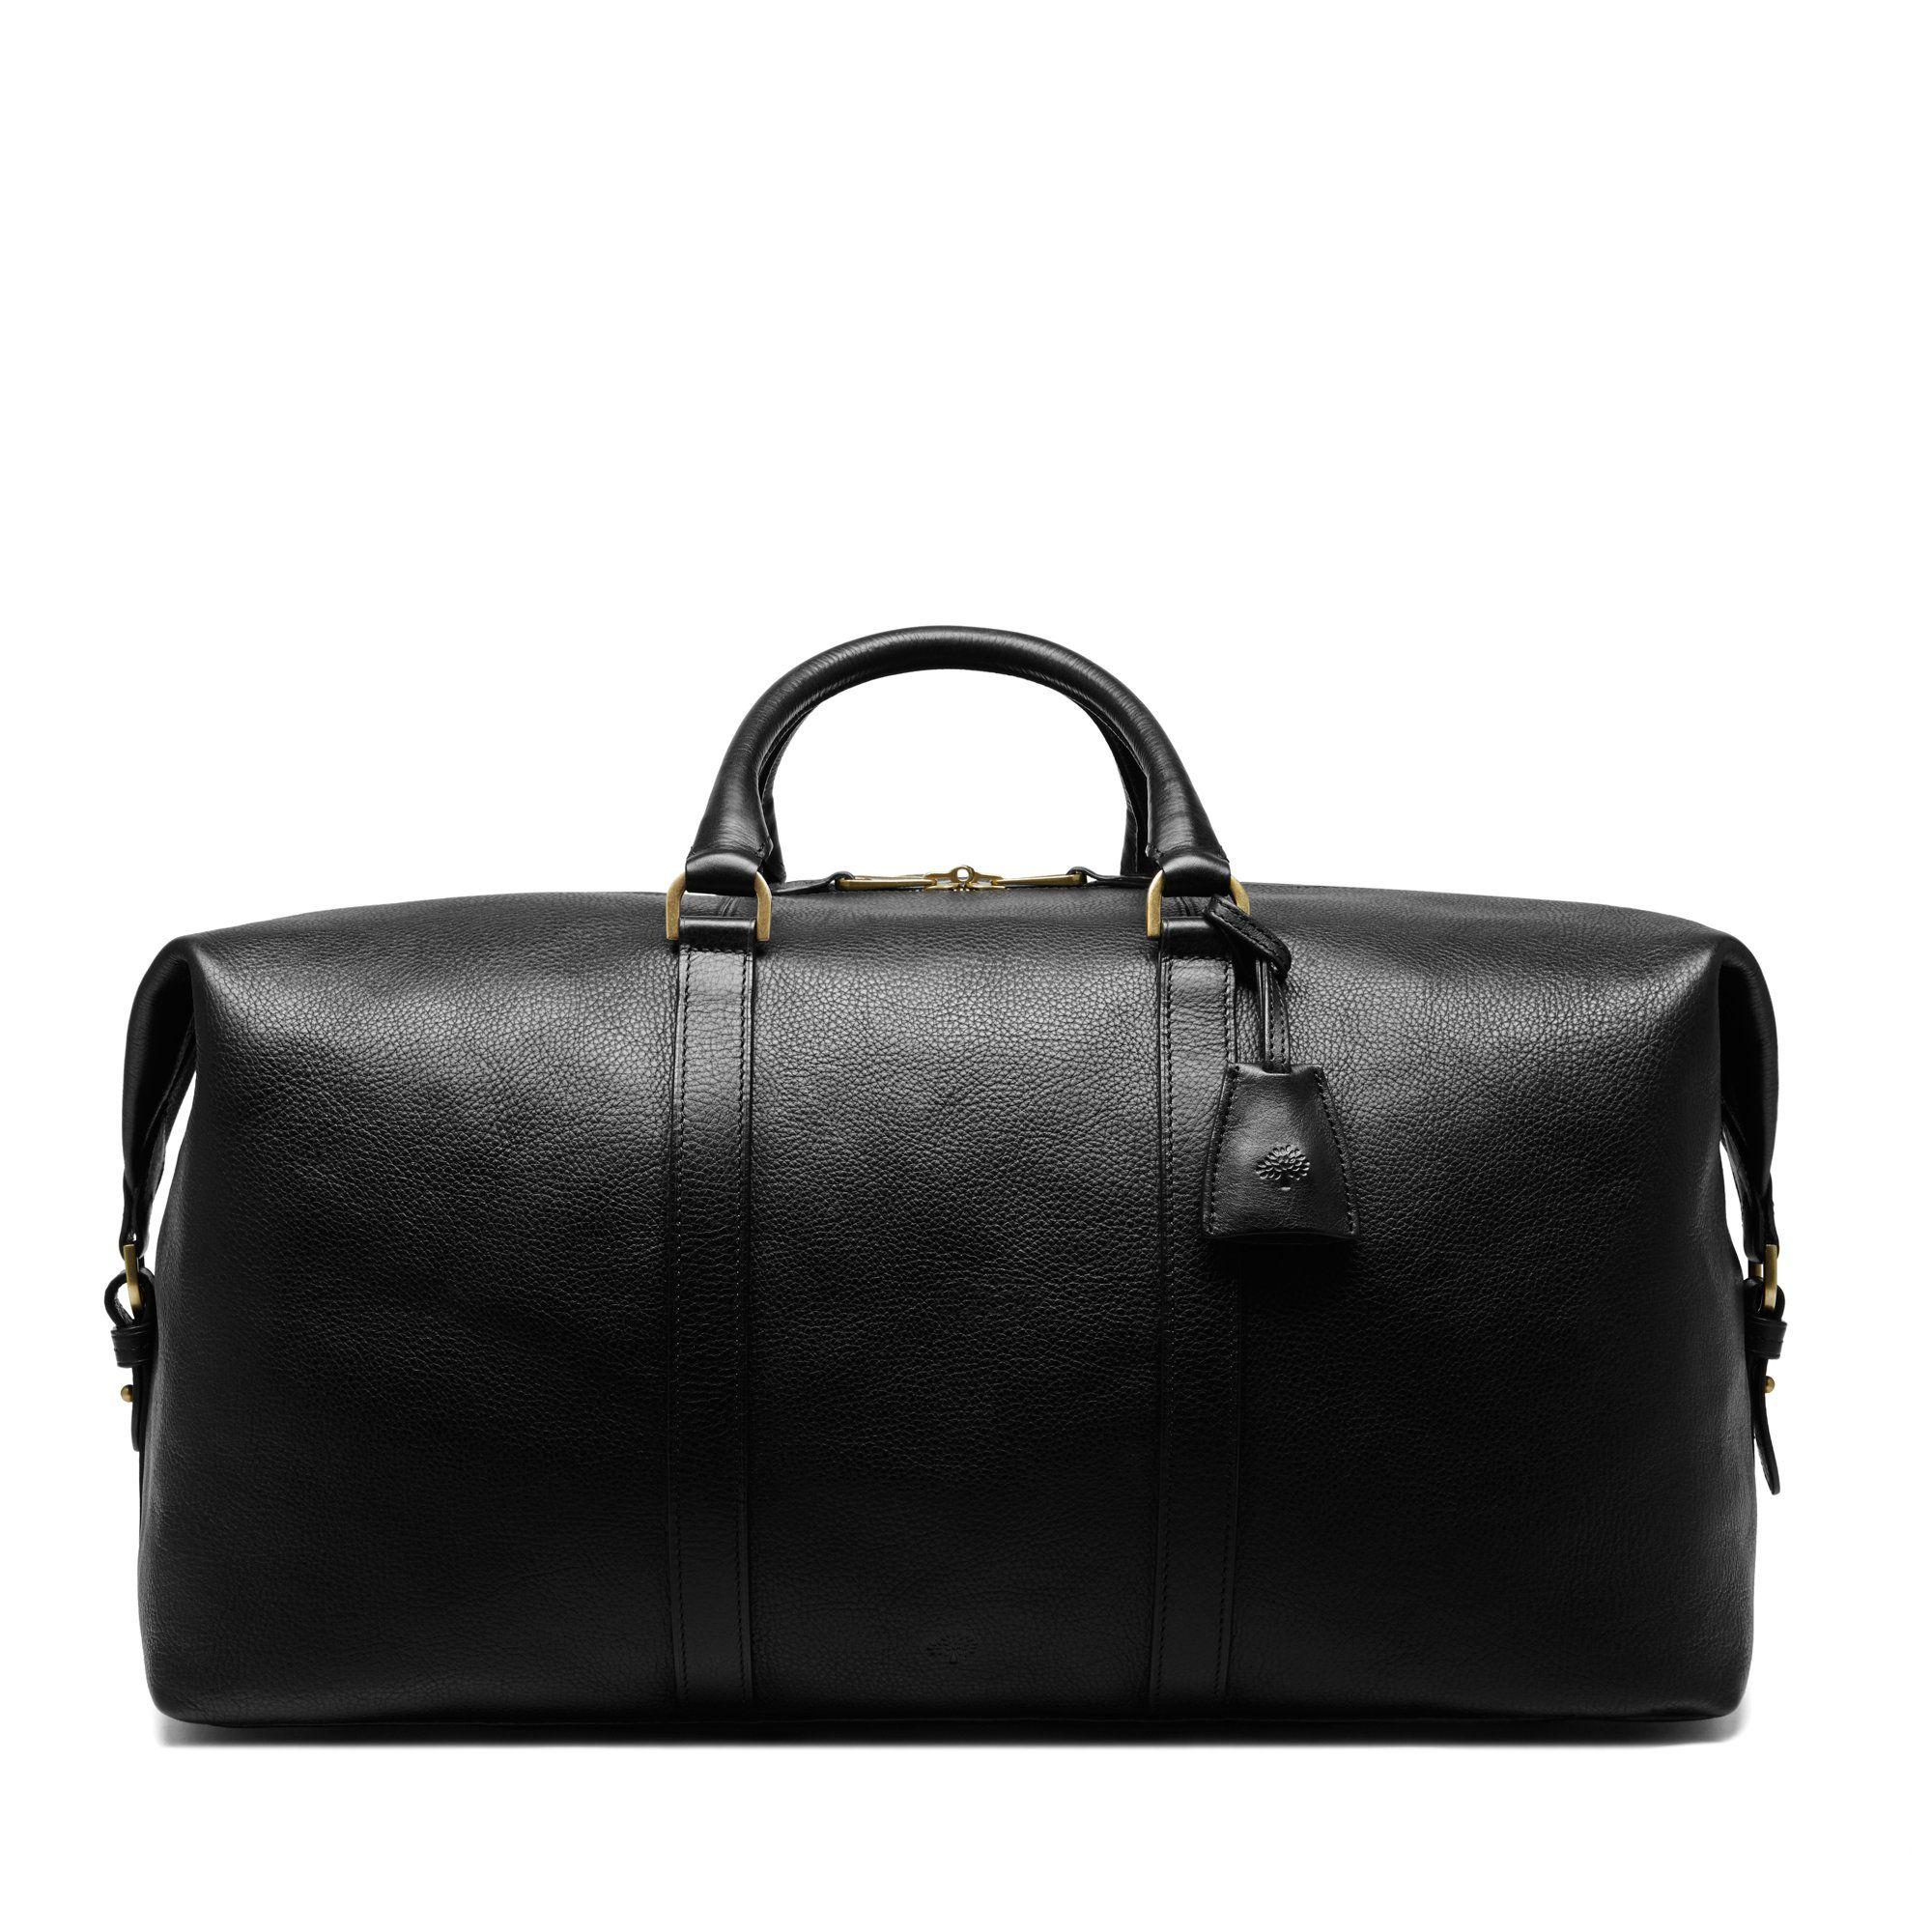 Luggage  0c639f9532a11